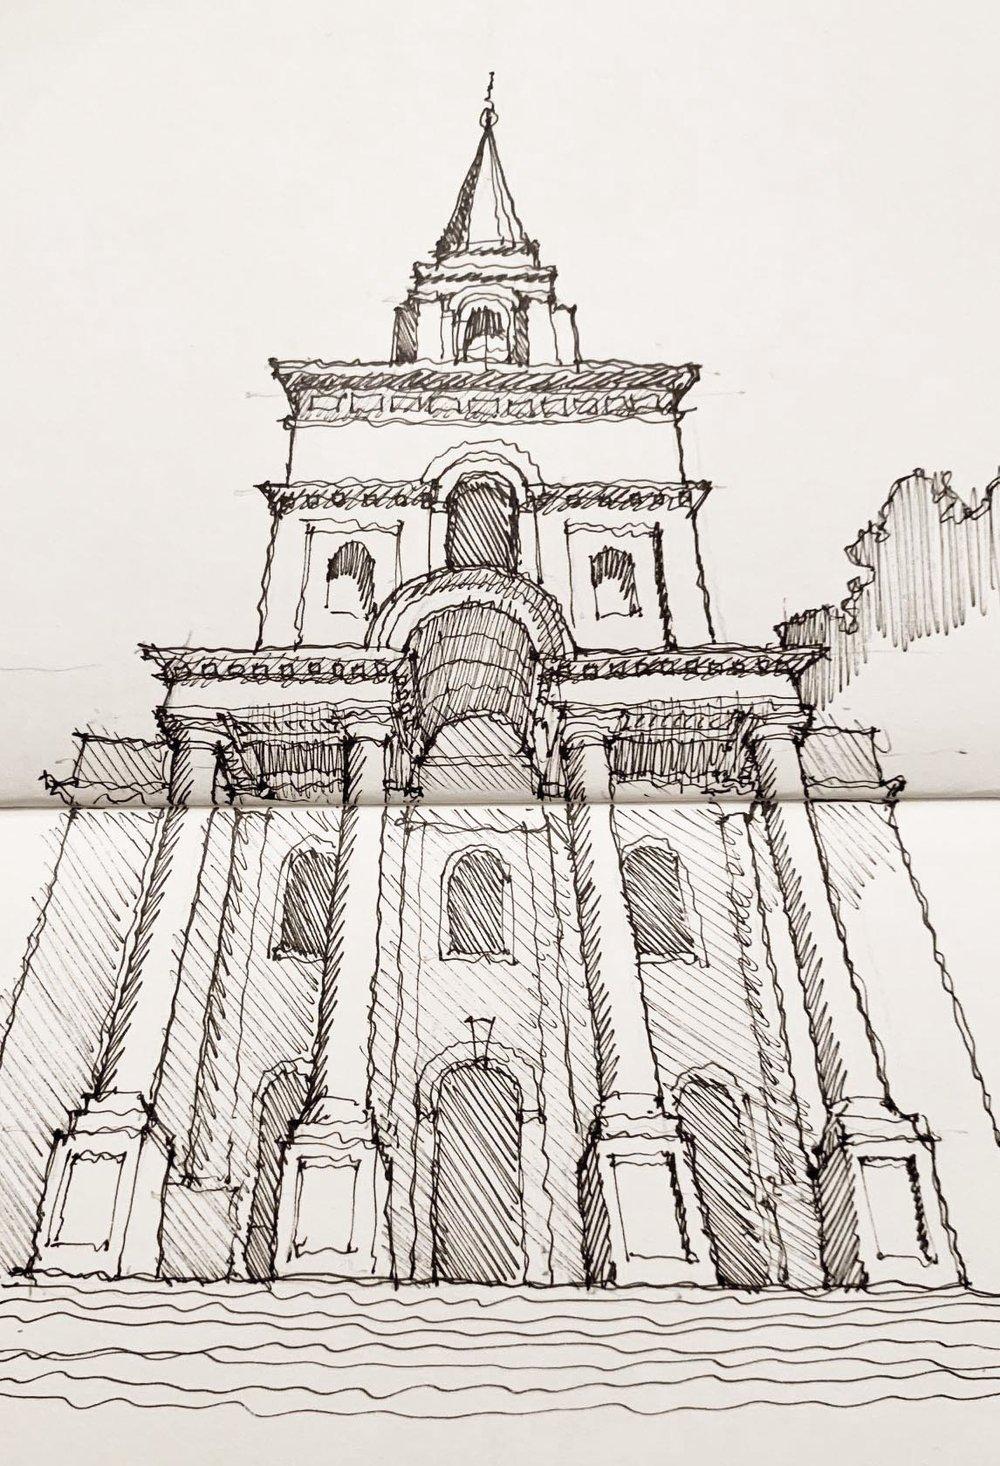 181127_Sketch edit 02.jpg